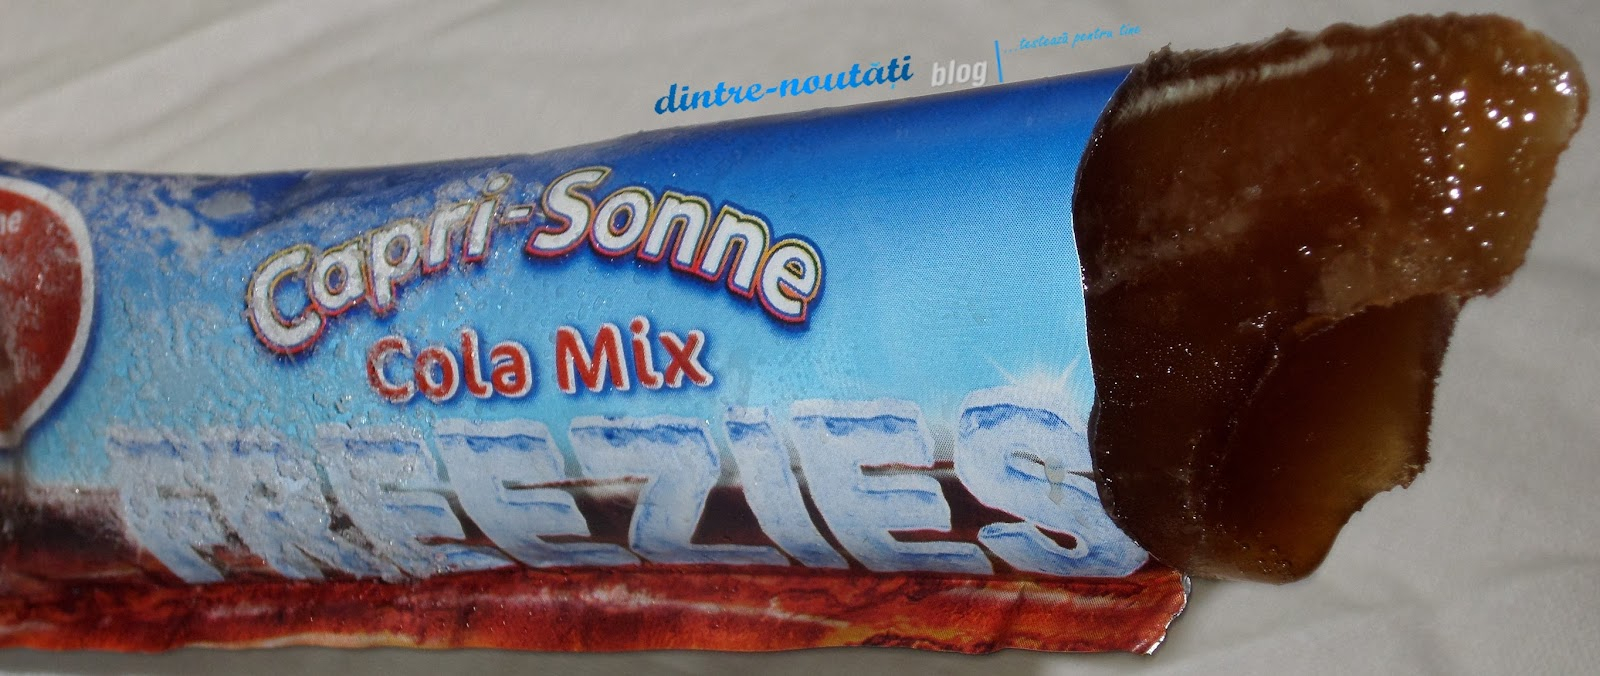 Băutură pentru înghețat cu gust de cola și citrice, fără cafeină